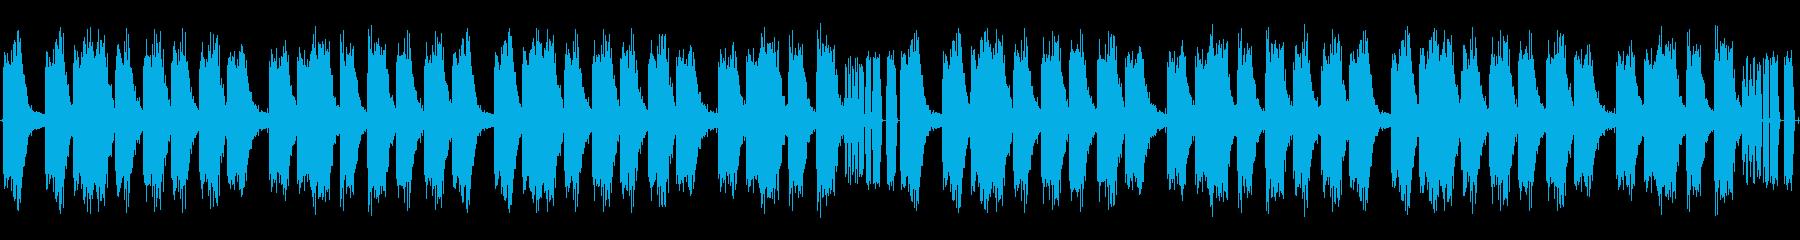 【都会/SE/クラブ/トランス】の再生済みの波形